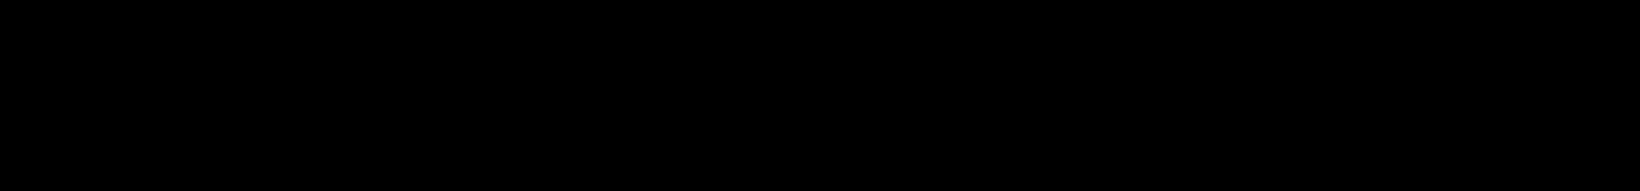 Variable Bold Italic